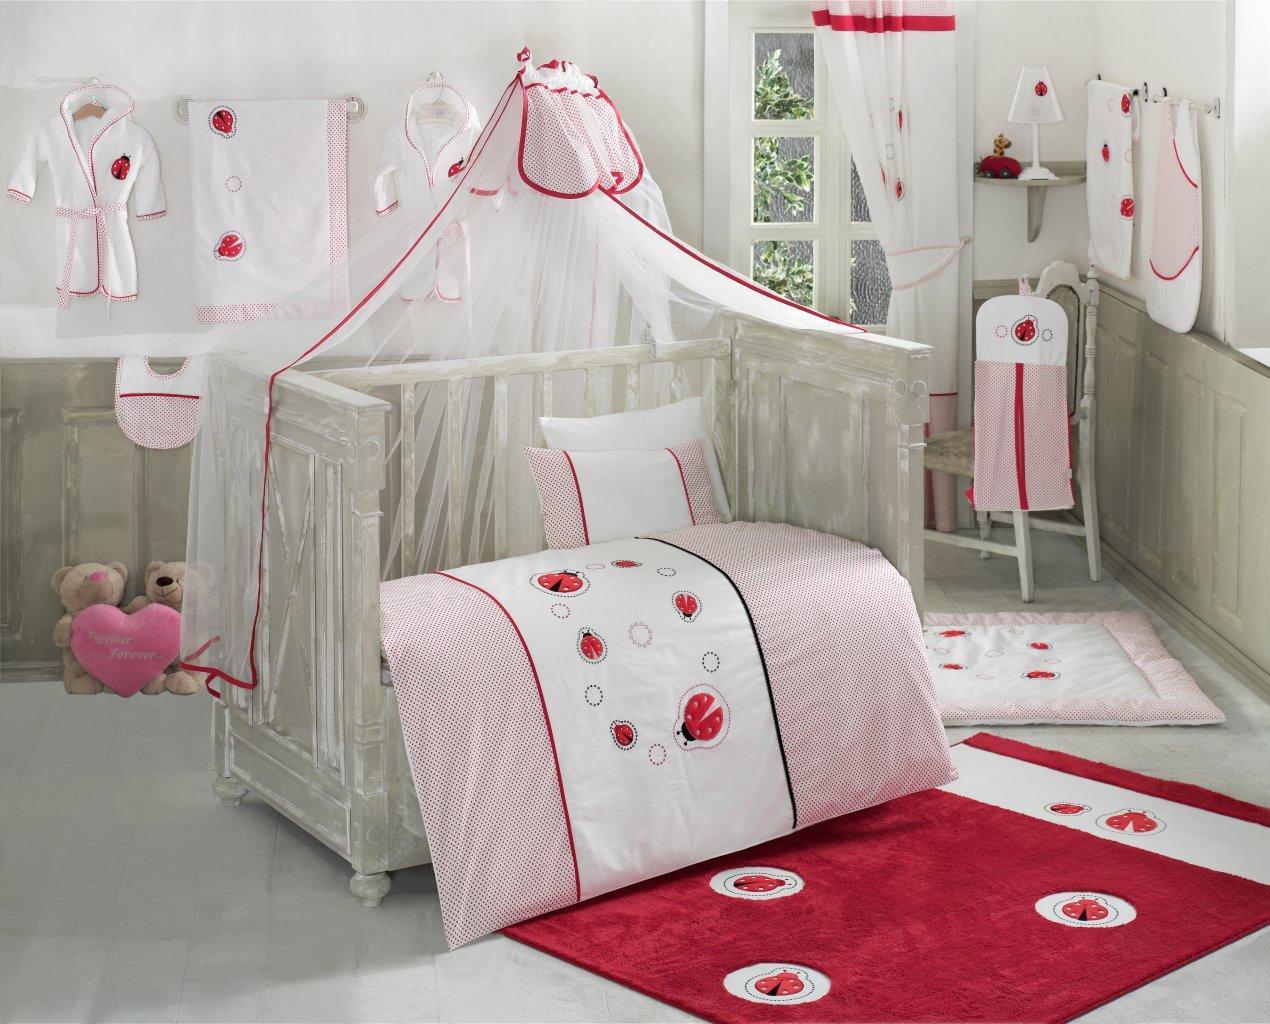 Балдахин серии Little Ladybug, 150 х 450 смДетское постельное белье<br>Балдахин серии Little Ladybug, 150 х 450 см<br>